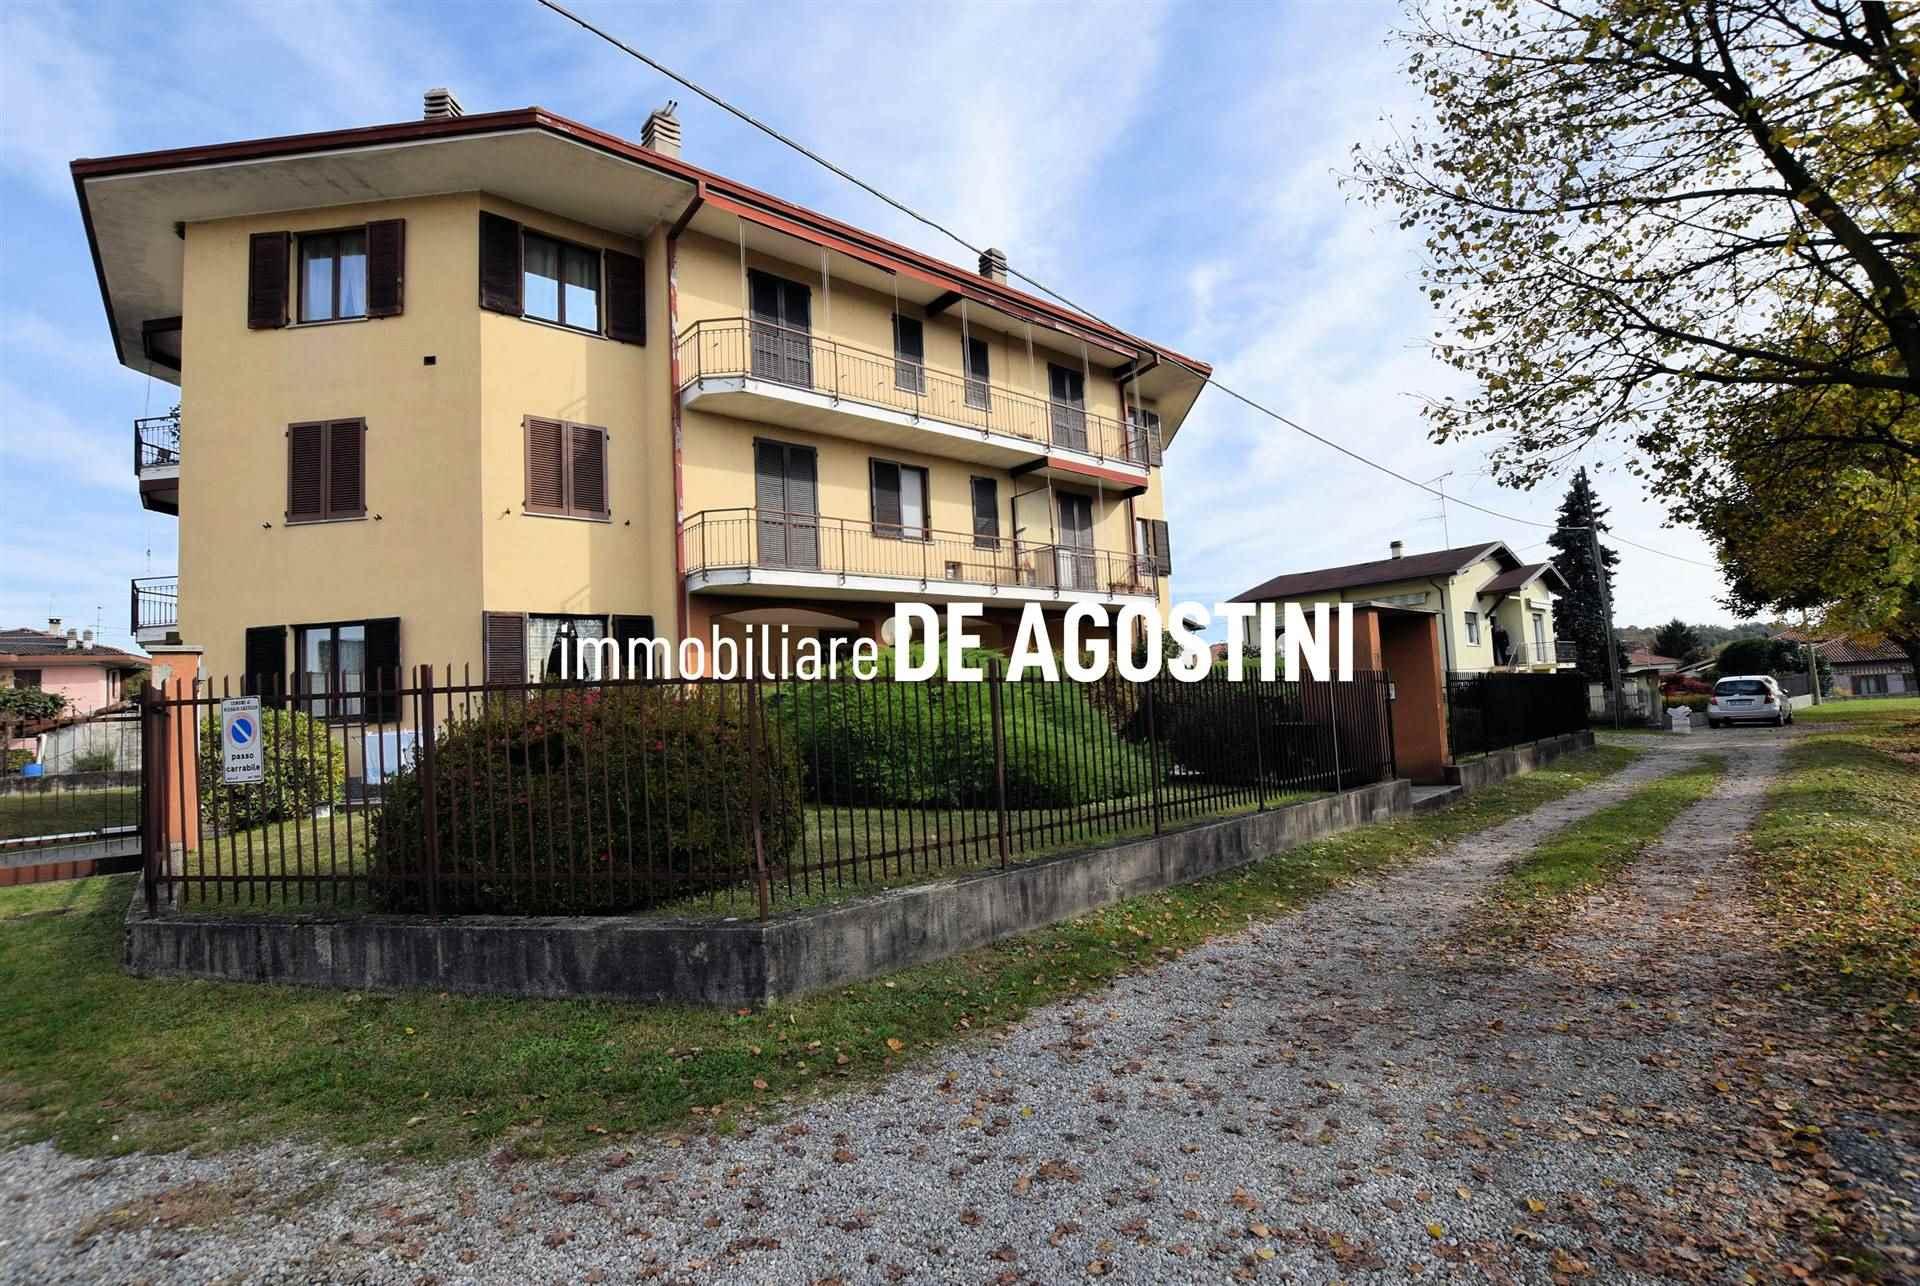 Appartamento in vendita a Oleggio Castello, 3 locali, prezzo € 140.000   PortaleAgenzieImmobiliari.it